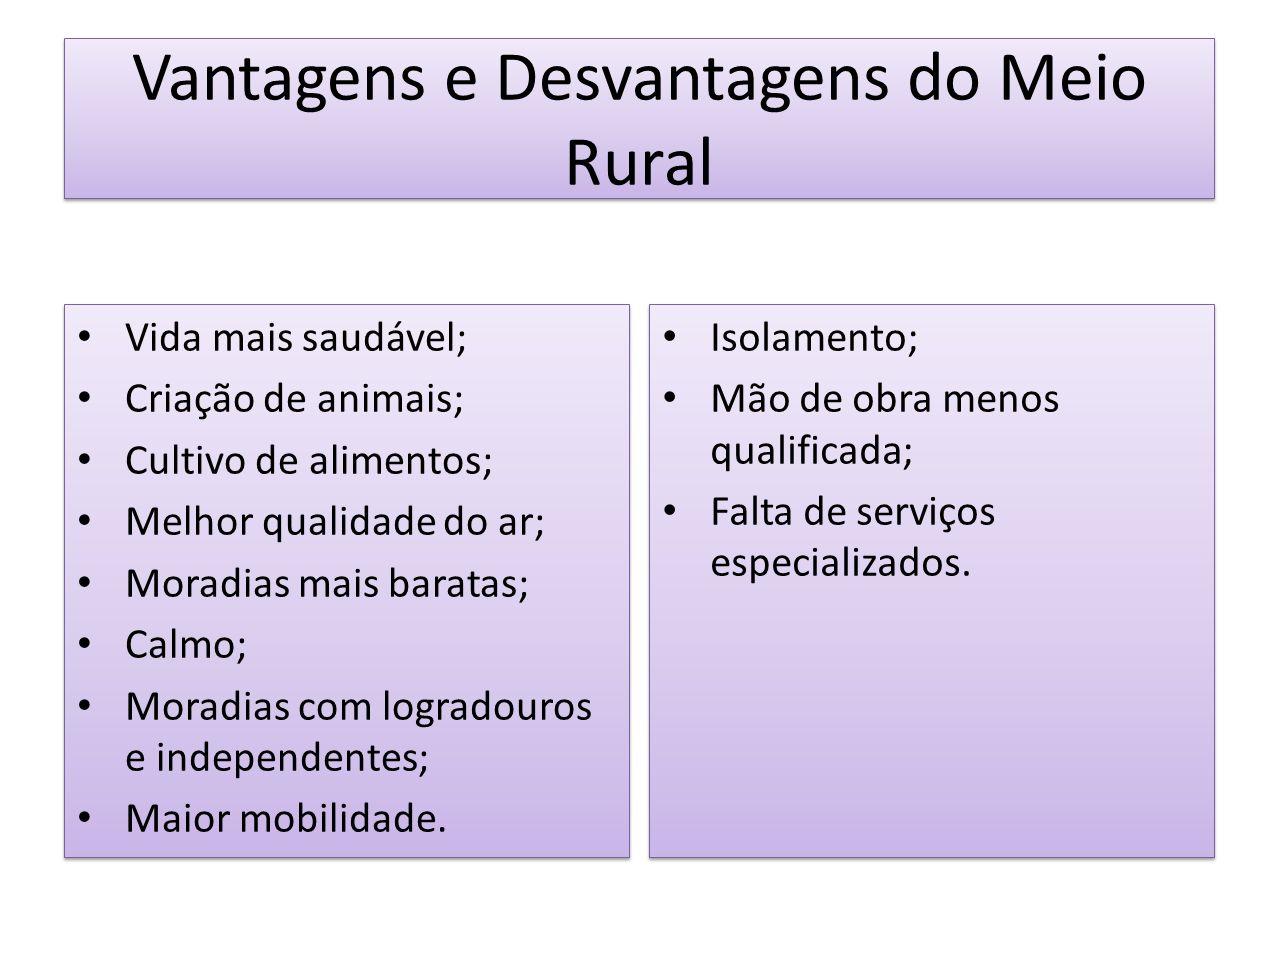 Vantagens e Desvantagens do Meio Rural Isolamento; Mão de obra menos qualificada; Falta de serviços especializados. Isolamento; Mão de obra menos qual